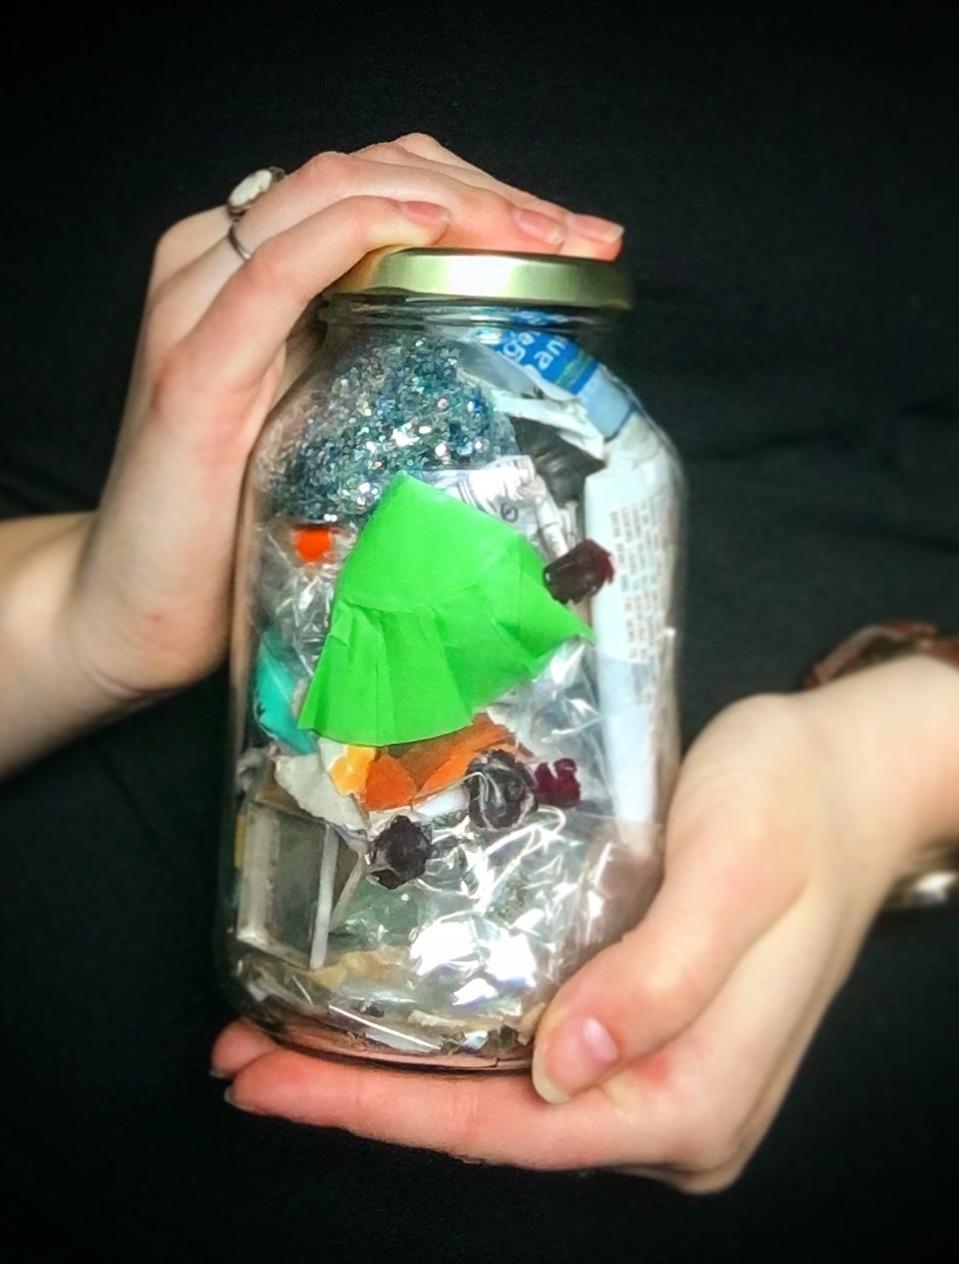 My trash jar after a few months